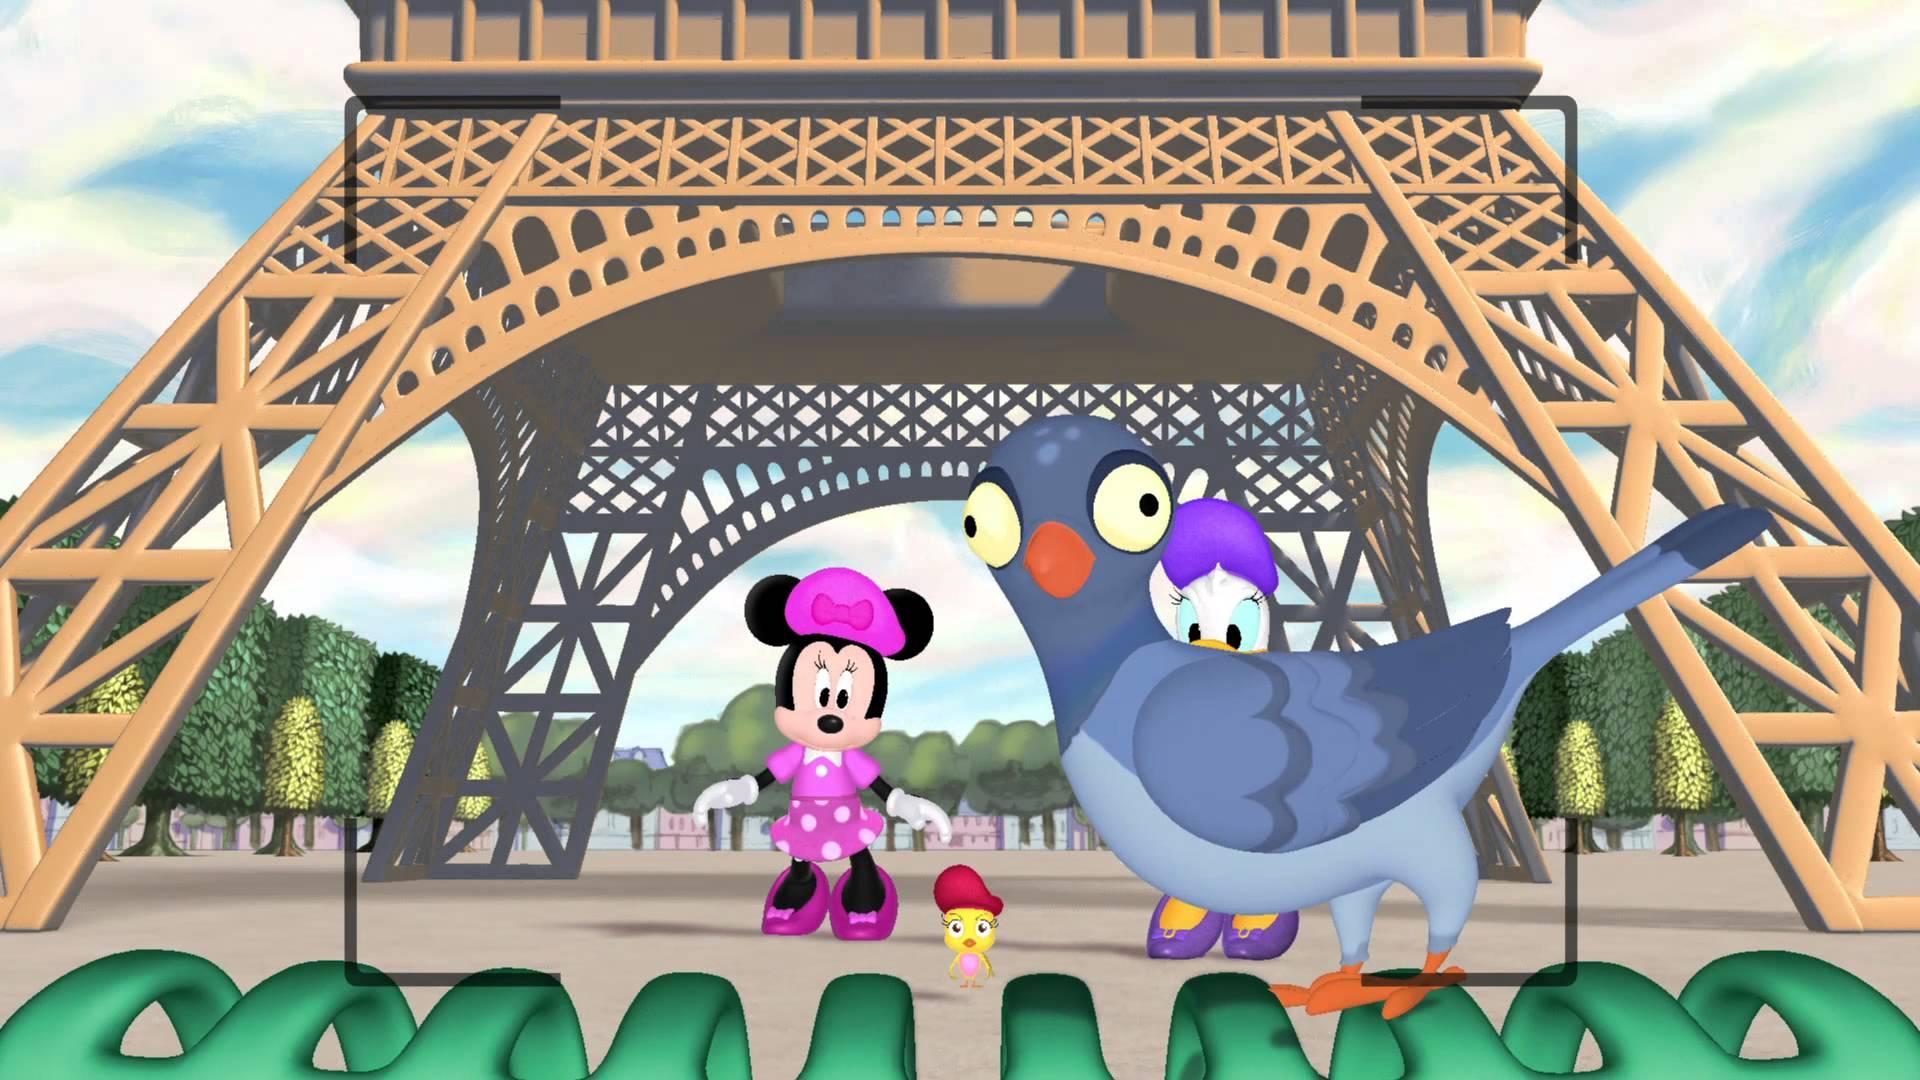 La boutique de minnie minnie et daisy paris episode complet youpi - La petite boutique de minnie ...